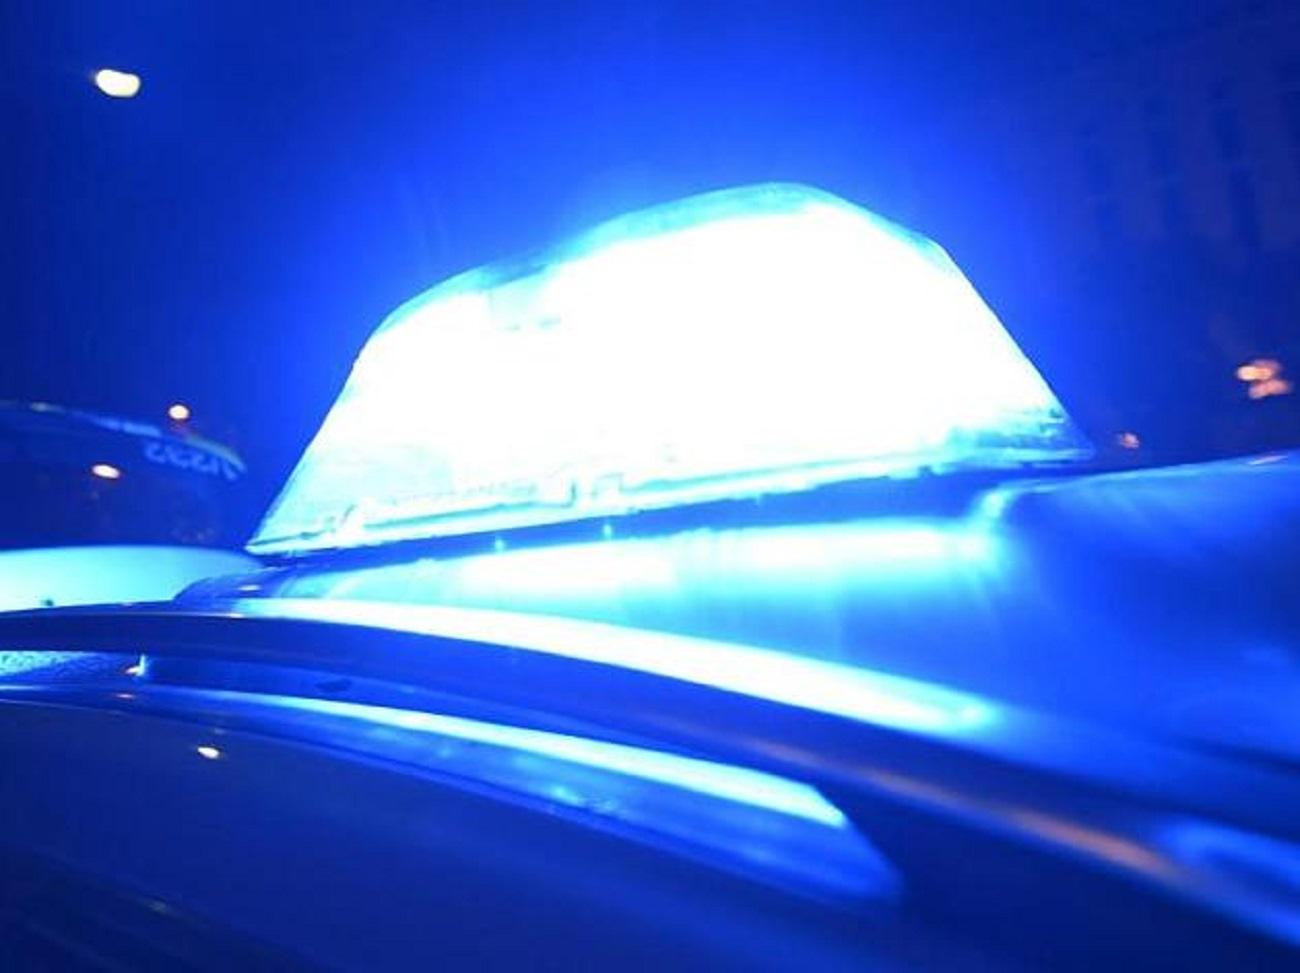 Женщина и ребенок пострадали в трагедии вАкадемическом микрорайоне Екатеринбурга